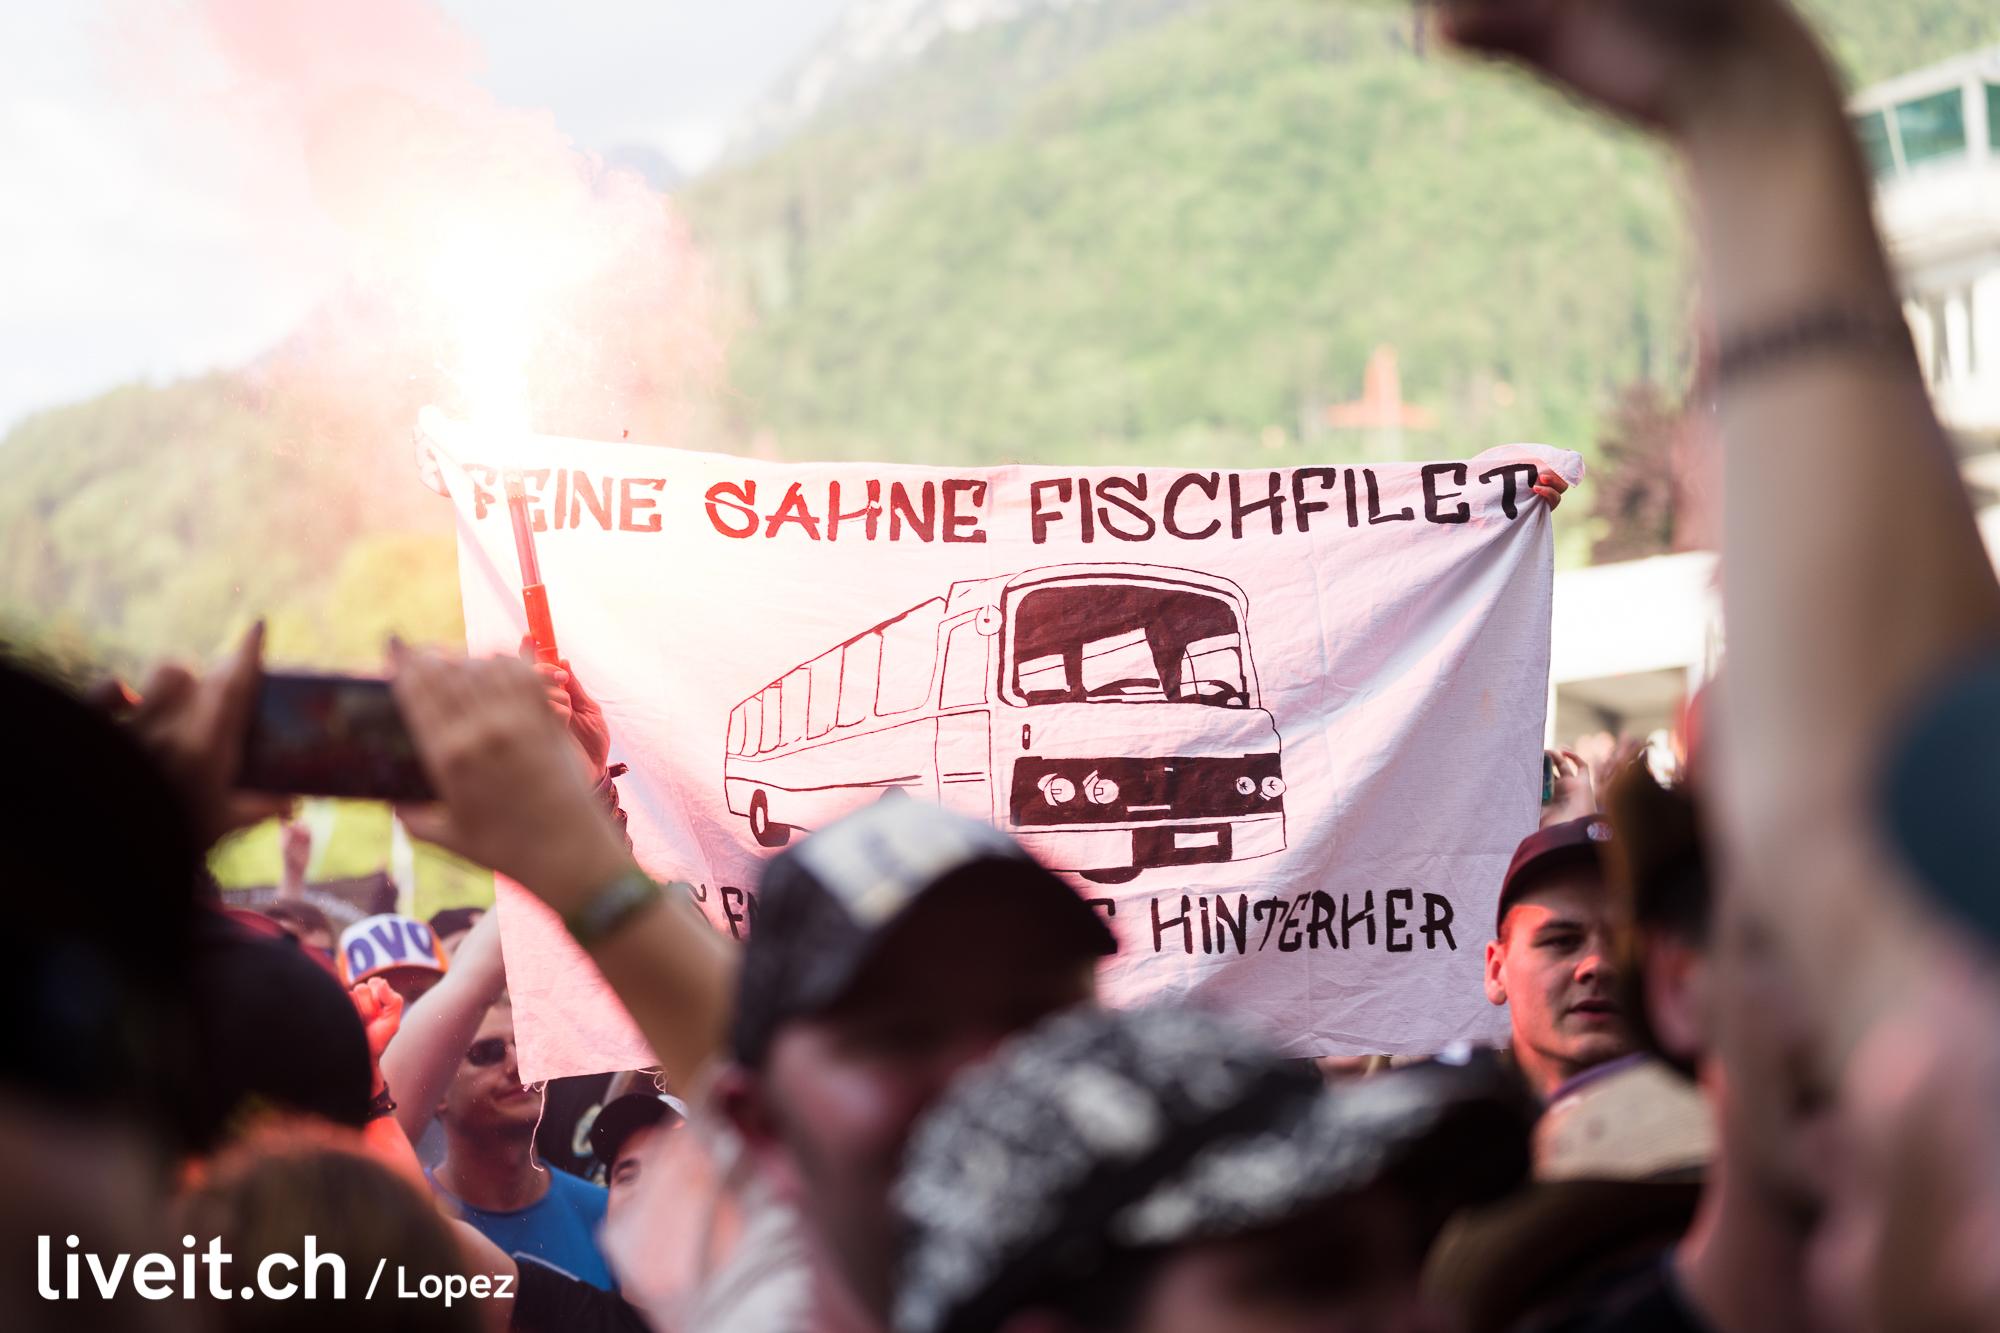 SCHWEIZ GREENFIELD FESTIVAL 2019 Feine Sahne Fischfilet